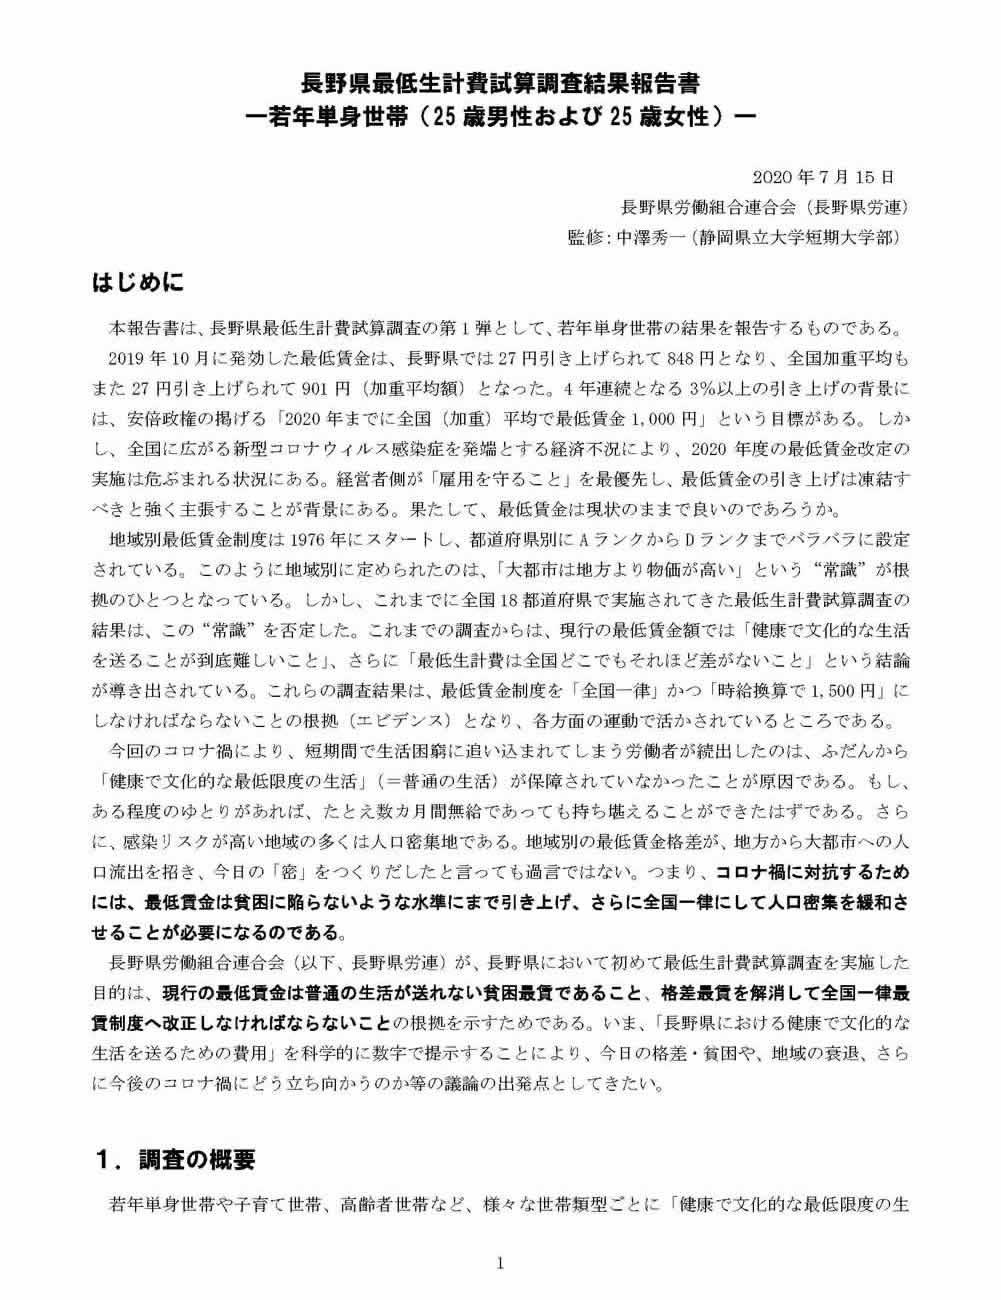 長野県最低生計費試算調査結果報告書 写真